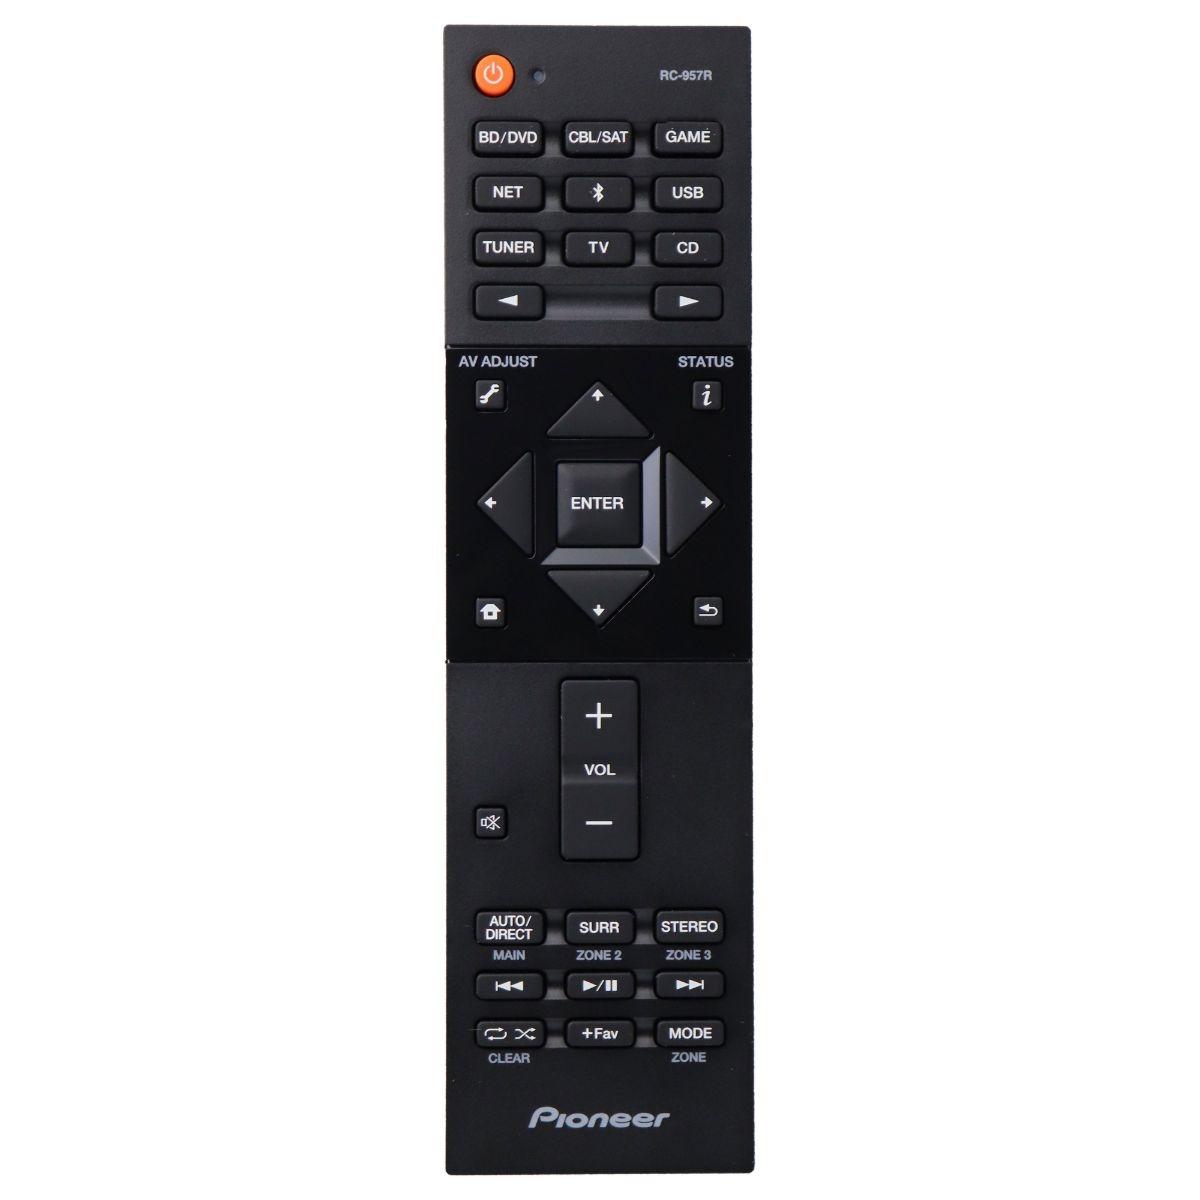 OEM Remote - Pioneer RC-957R for Select Pioneer AV Receivers